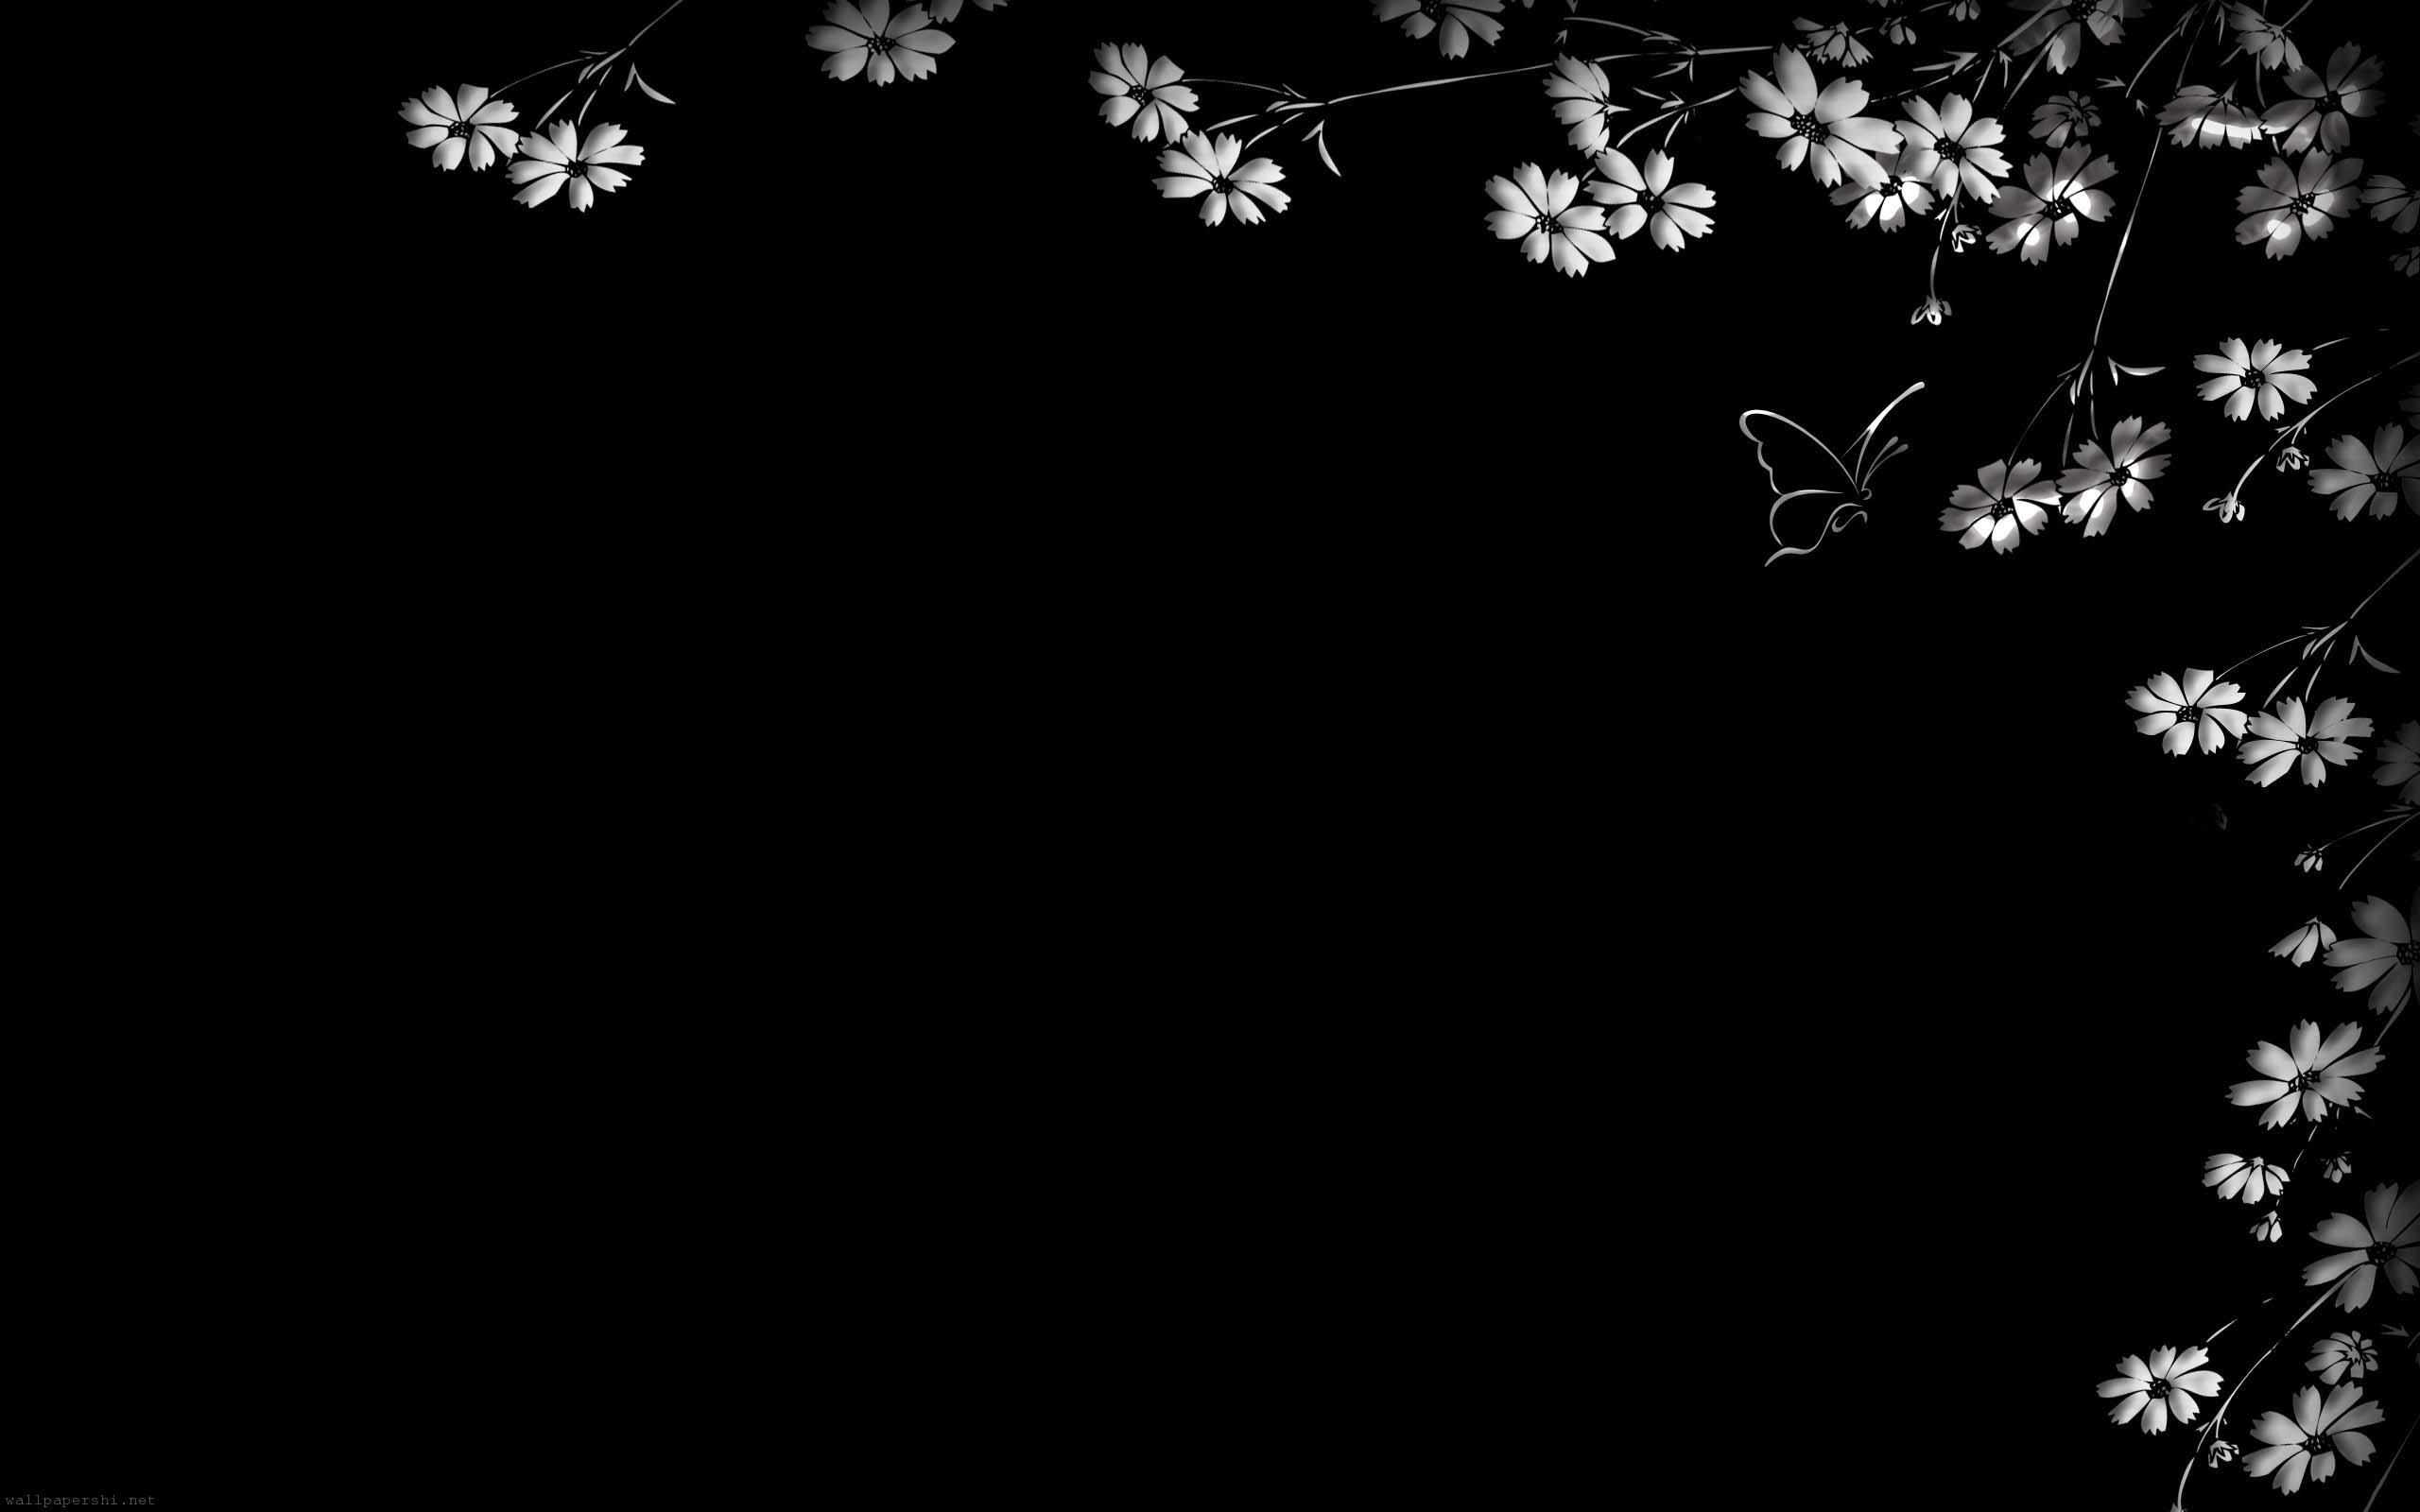 Black and white flower wallpaper